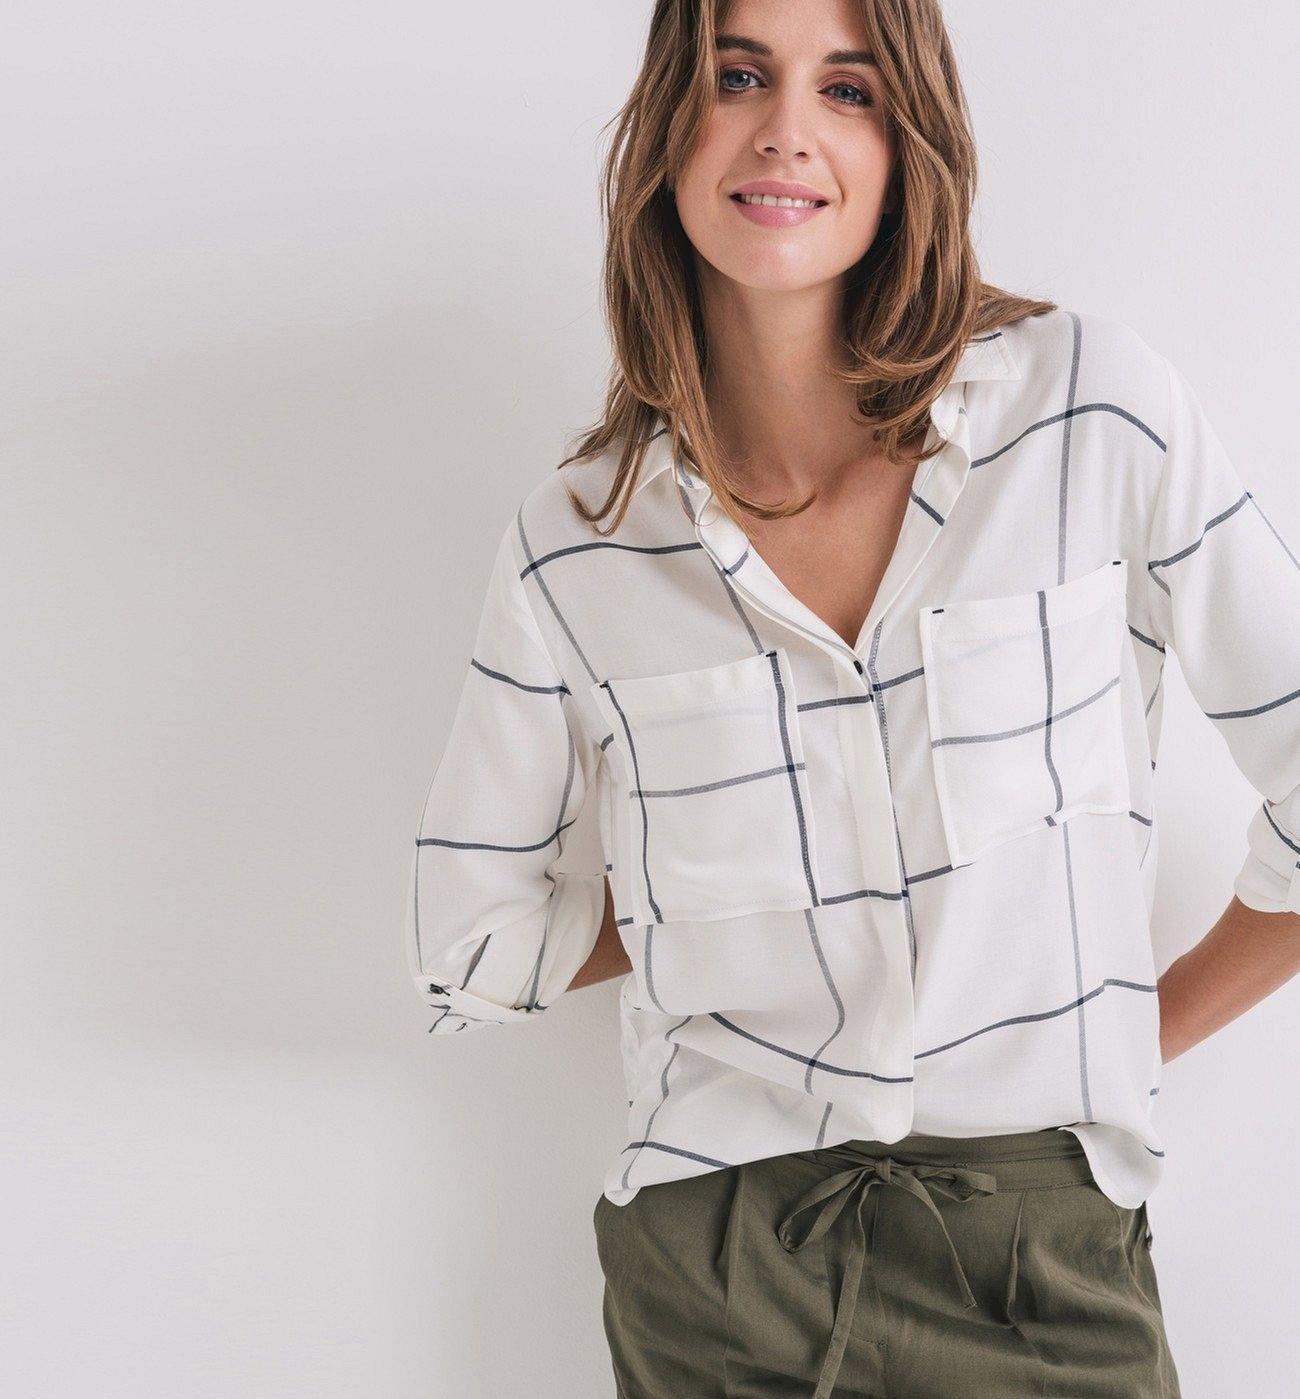 Офисный стиль: как носить рубашку и не выглядеть скучной